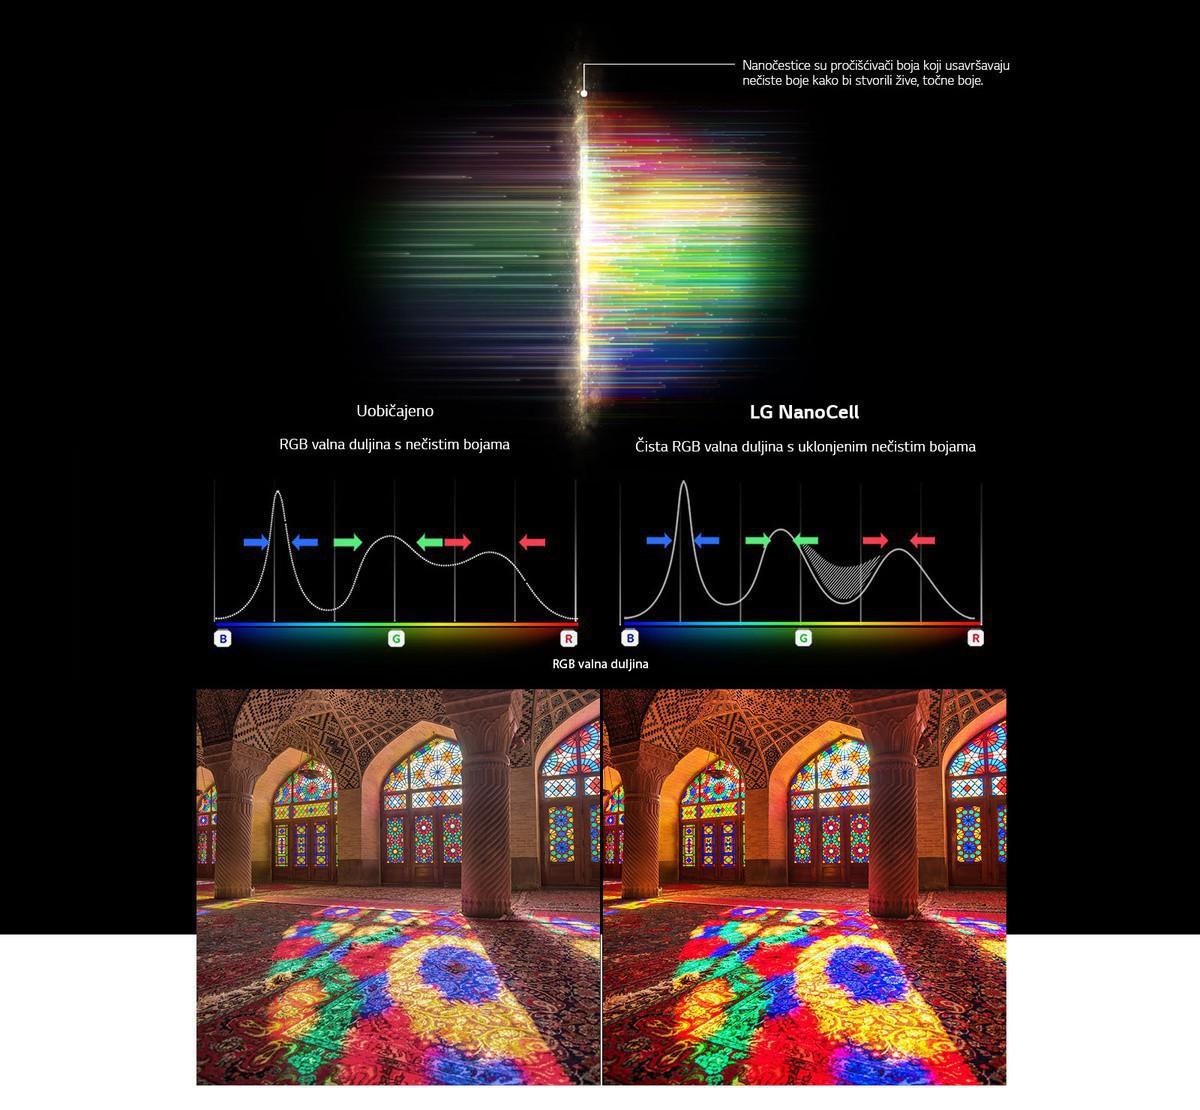 Grafikon RGB spektra koji prikazuje filtriranje ispranih boja i slike koje prikazuju usporedbu čistoće boje dobivene uobičajenom tehnologijom i tehnologijom NanoCell